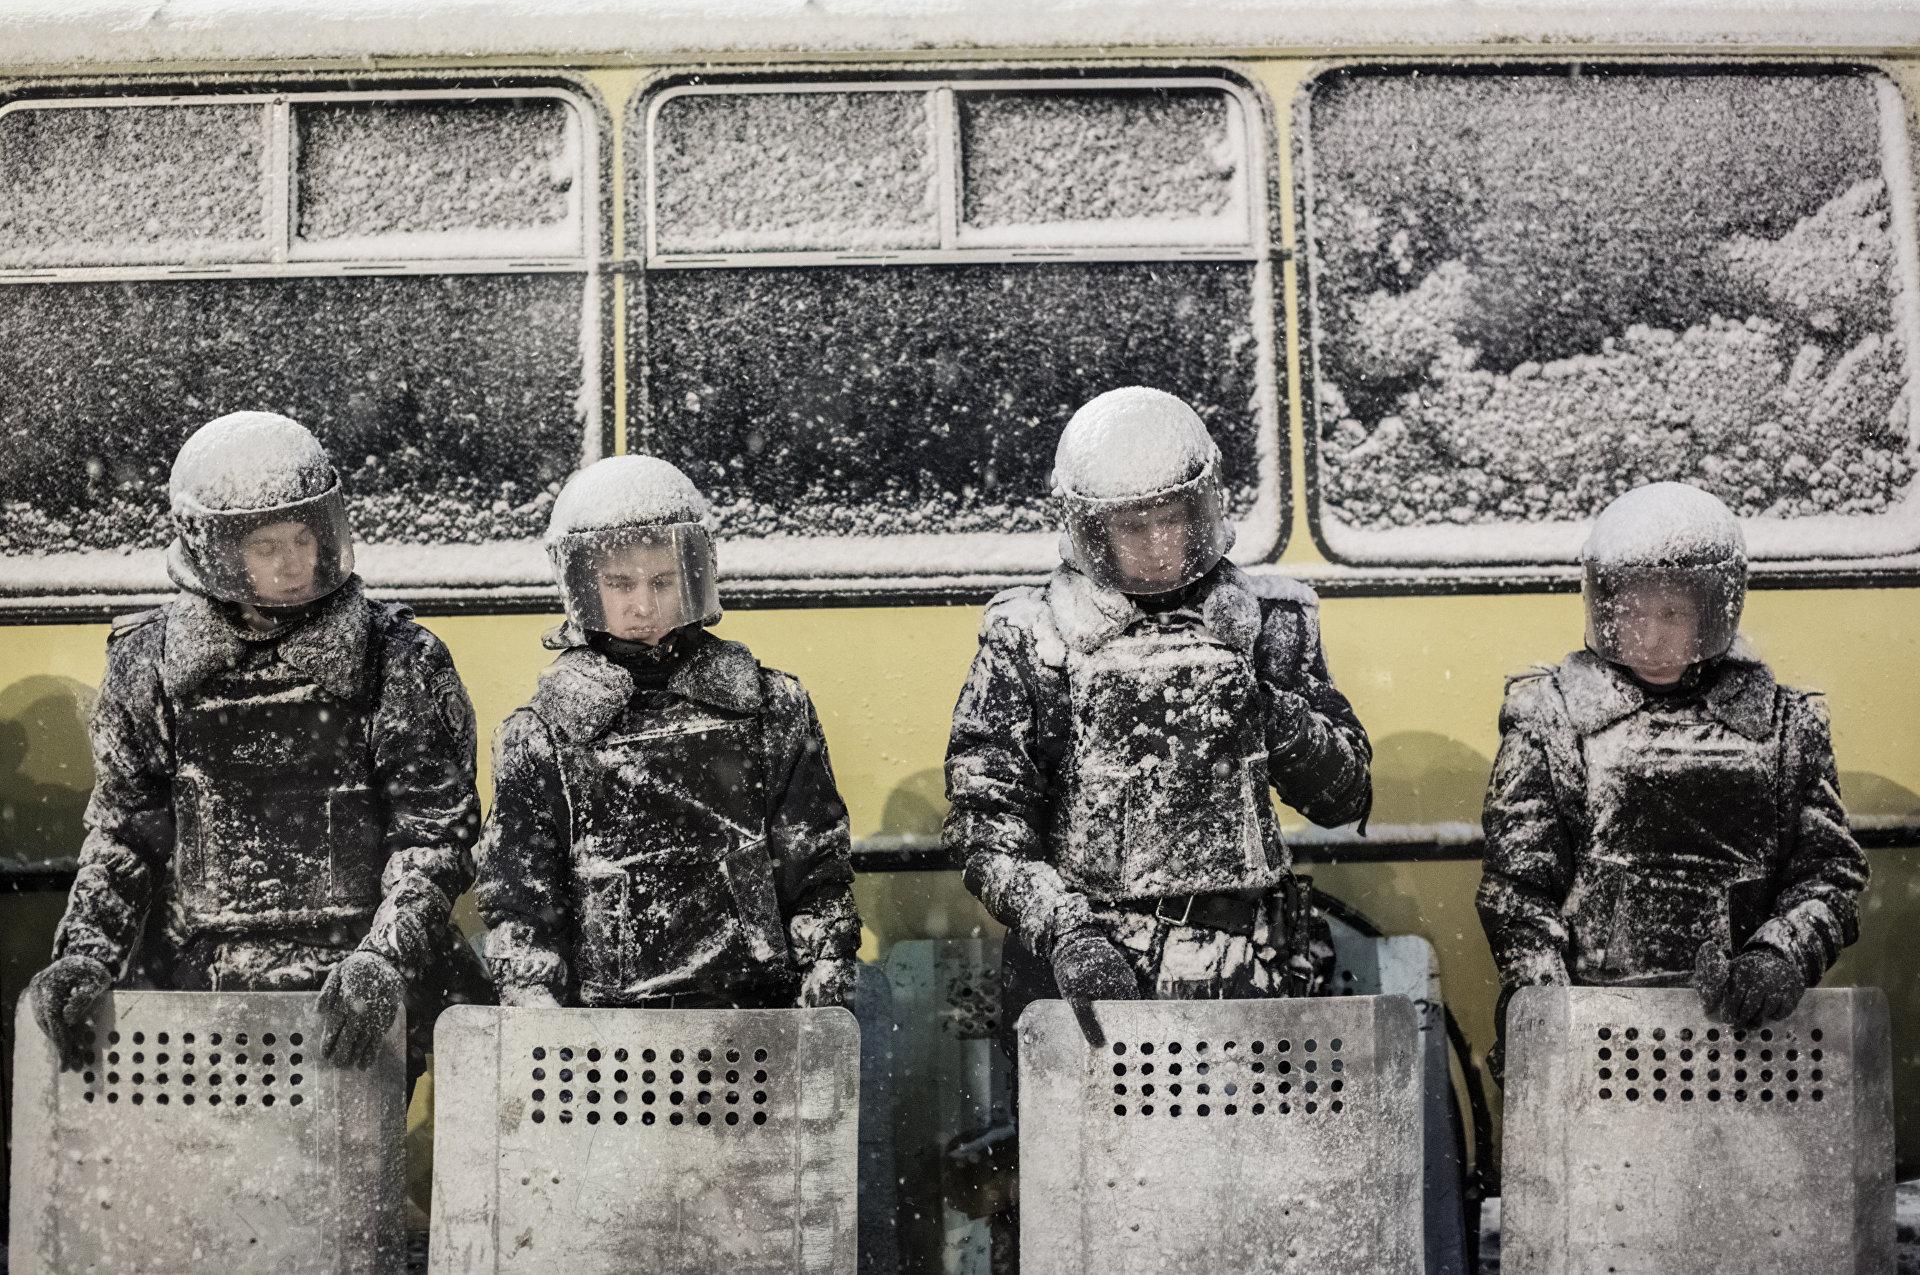 http://ukraina.ru/images/101327/05/1013270530.jpg